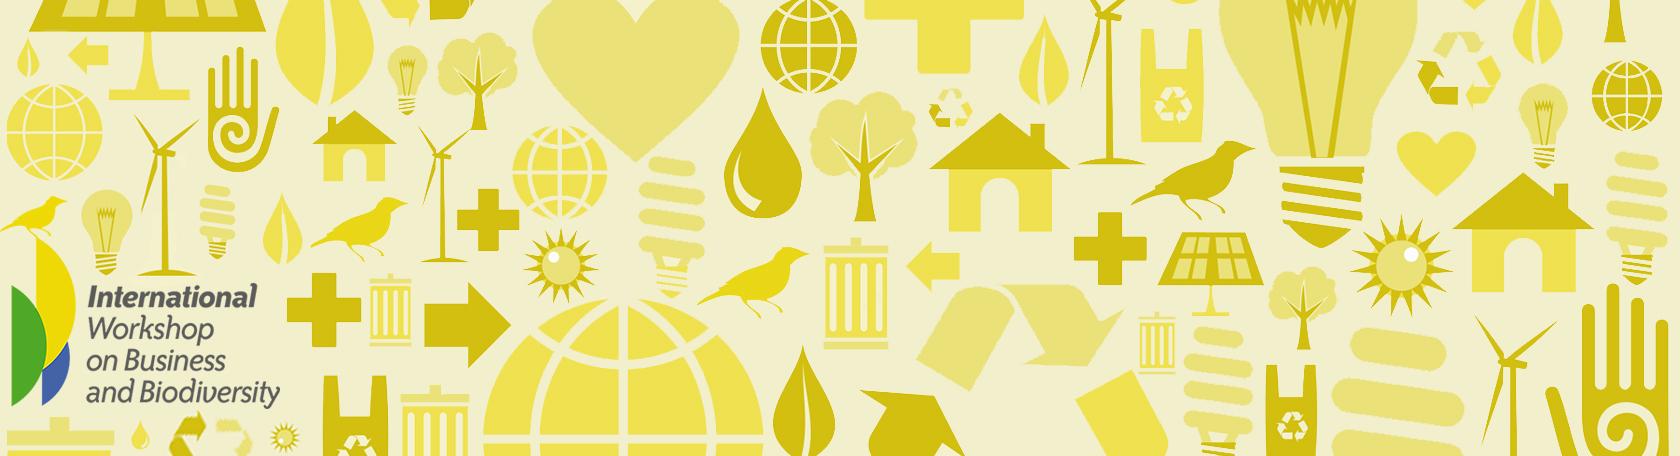 3º Workshop Internacional de Negócios e Biodiversidade tem inscrições abertas